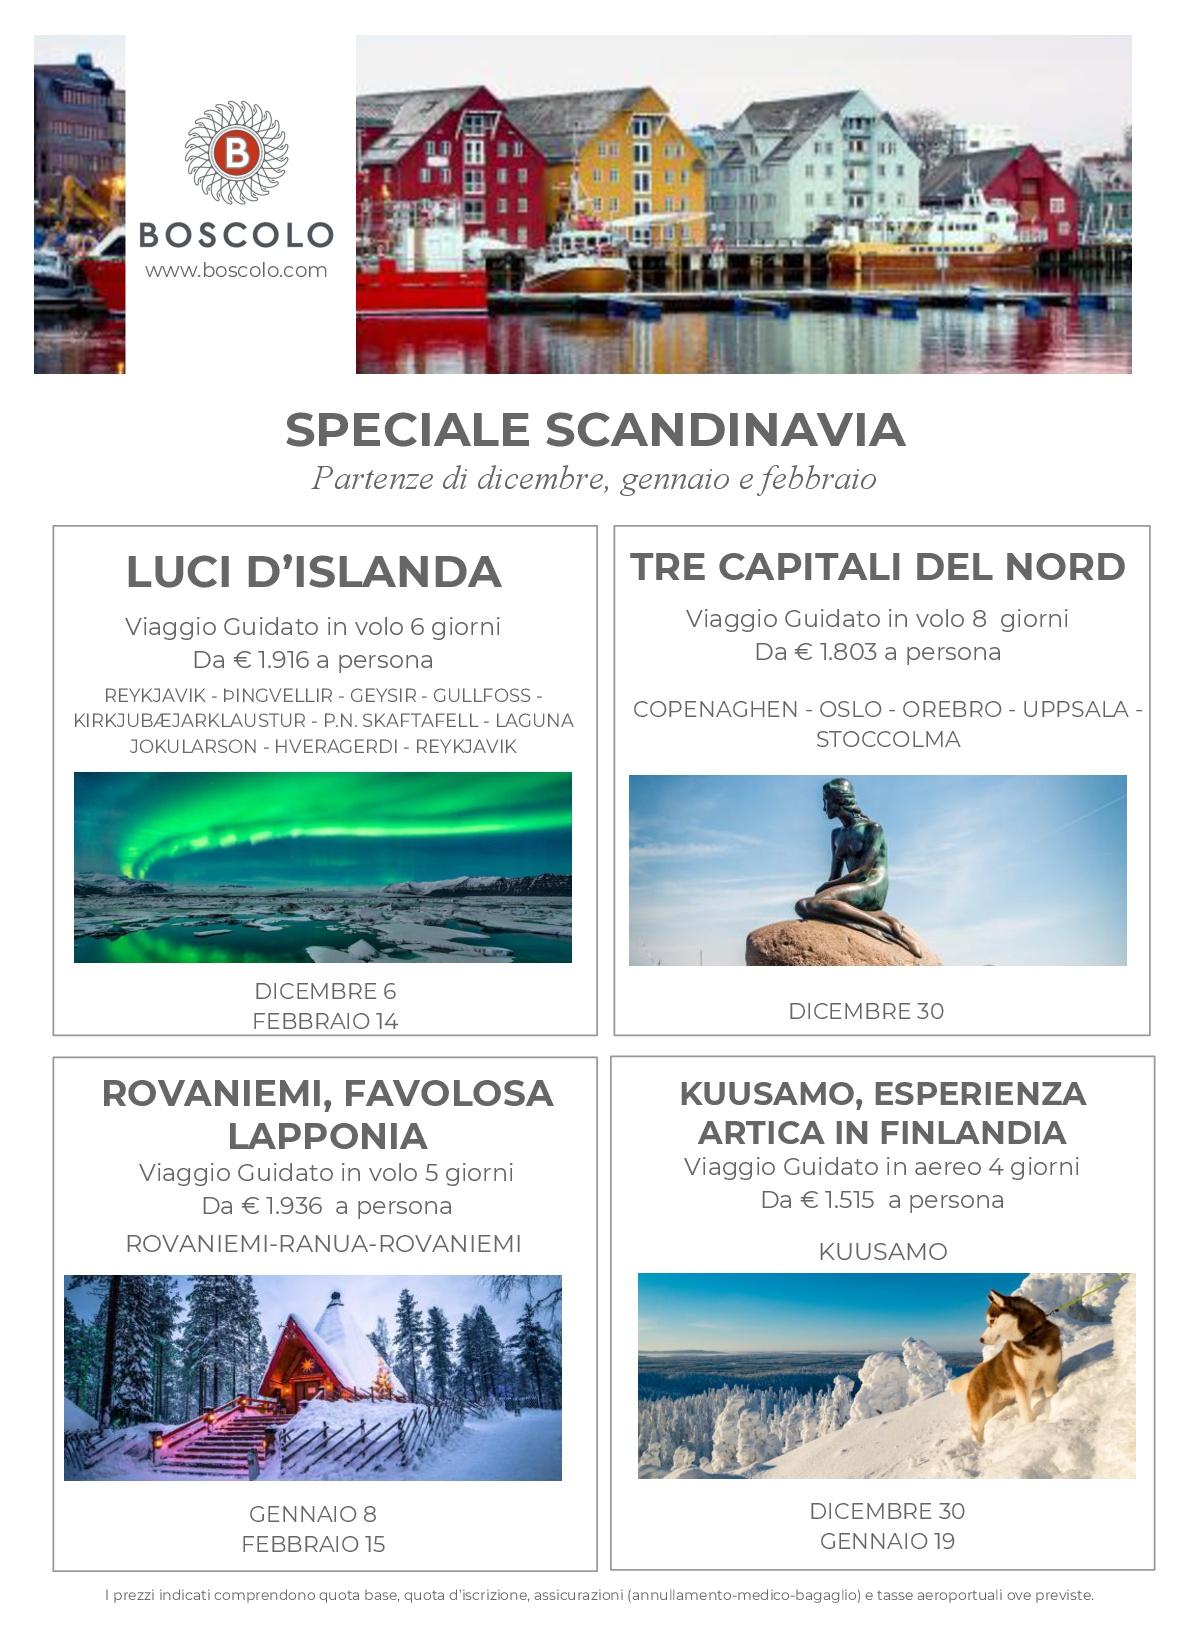 Speciale Scandinavia #1-001